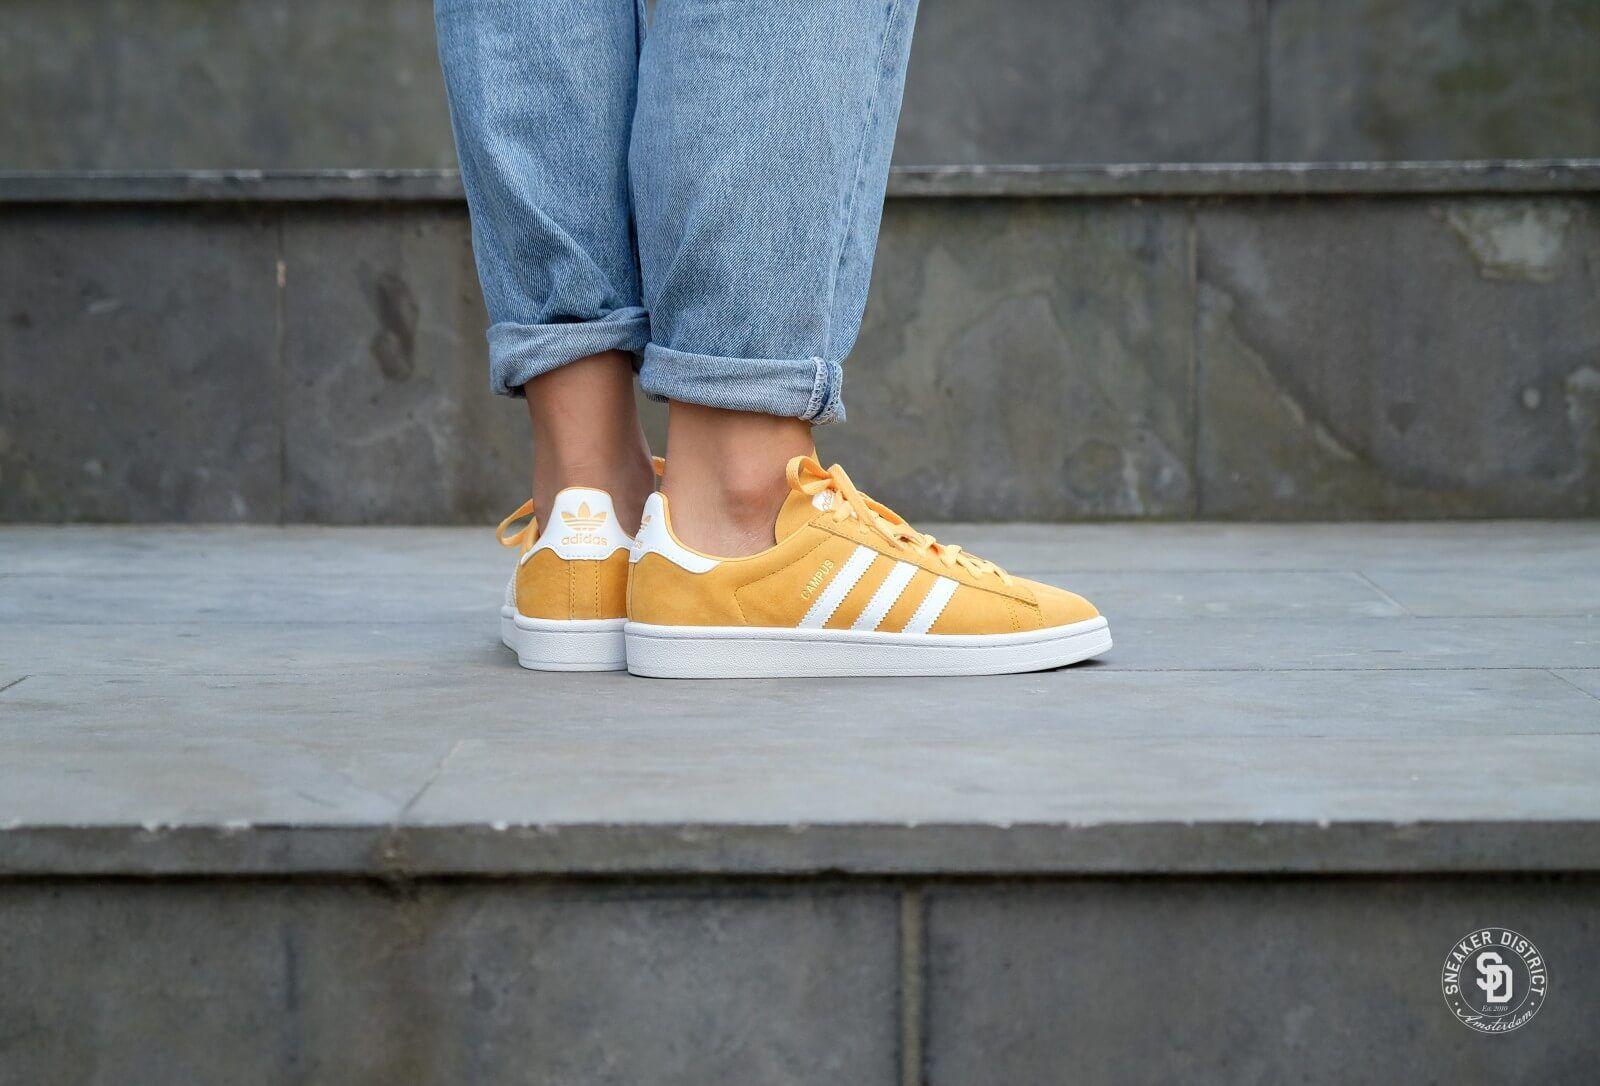 Adidas Campus W Chalk Orange/Footwear